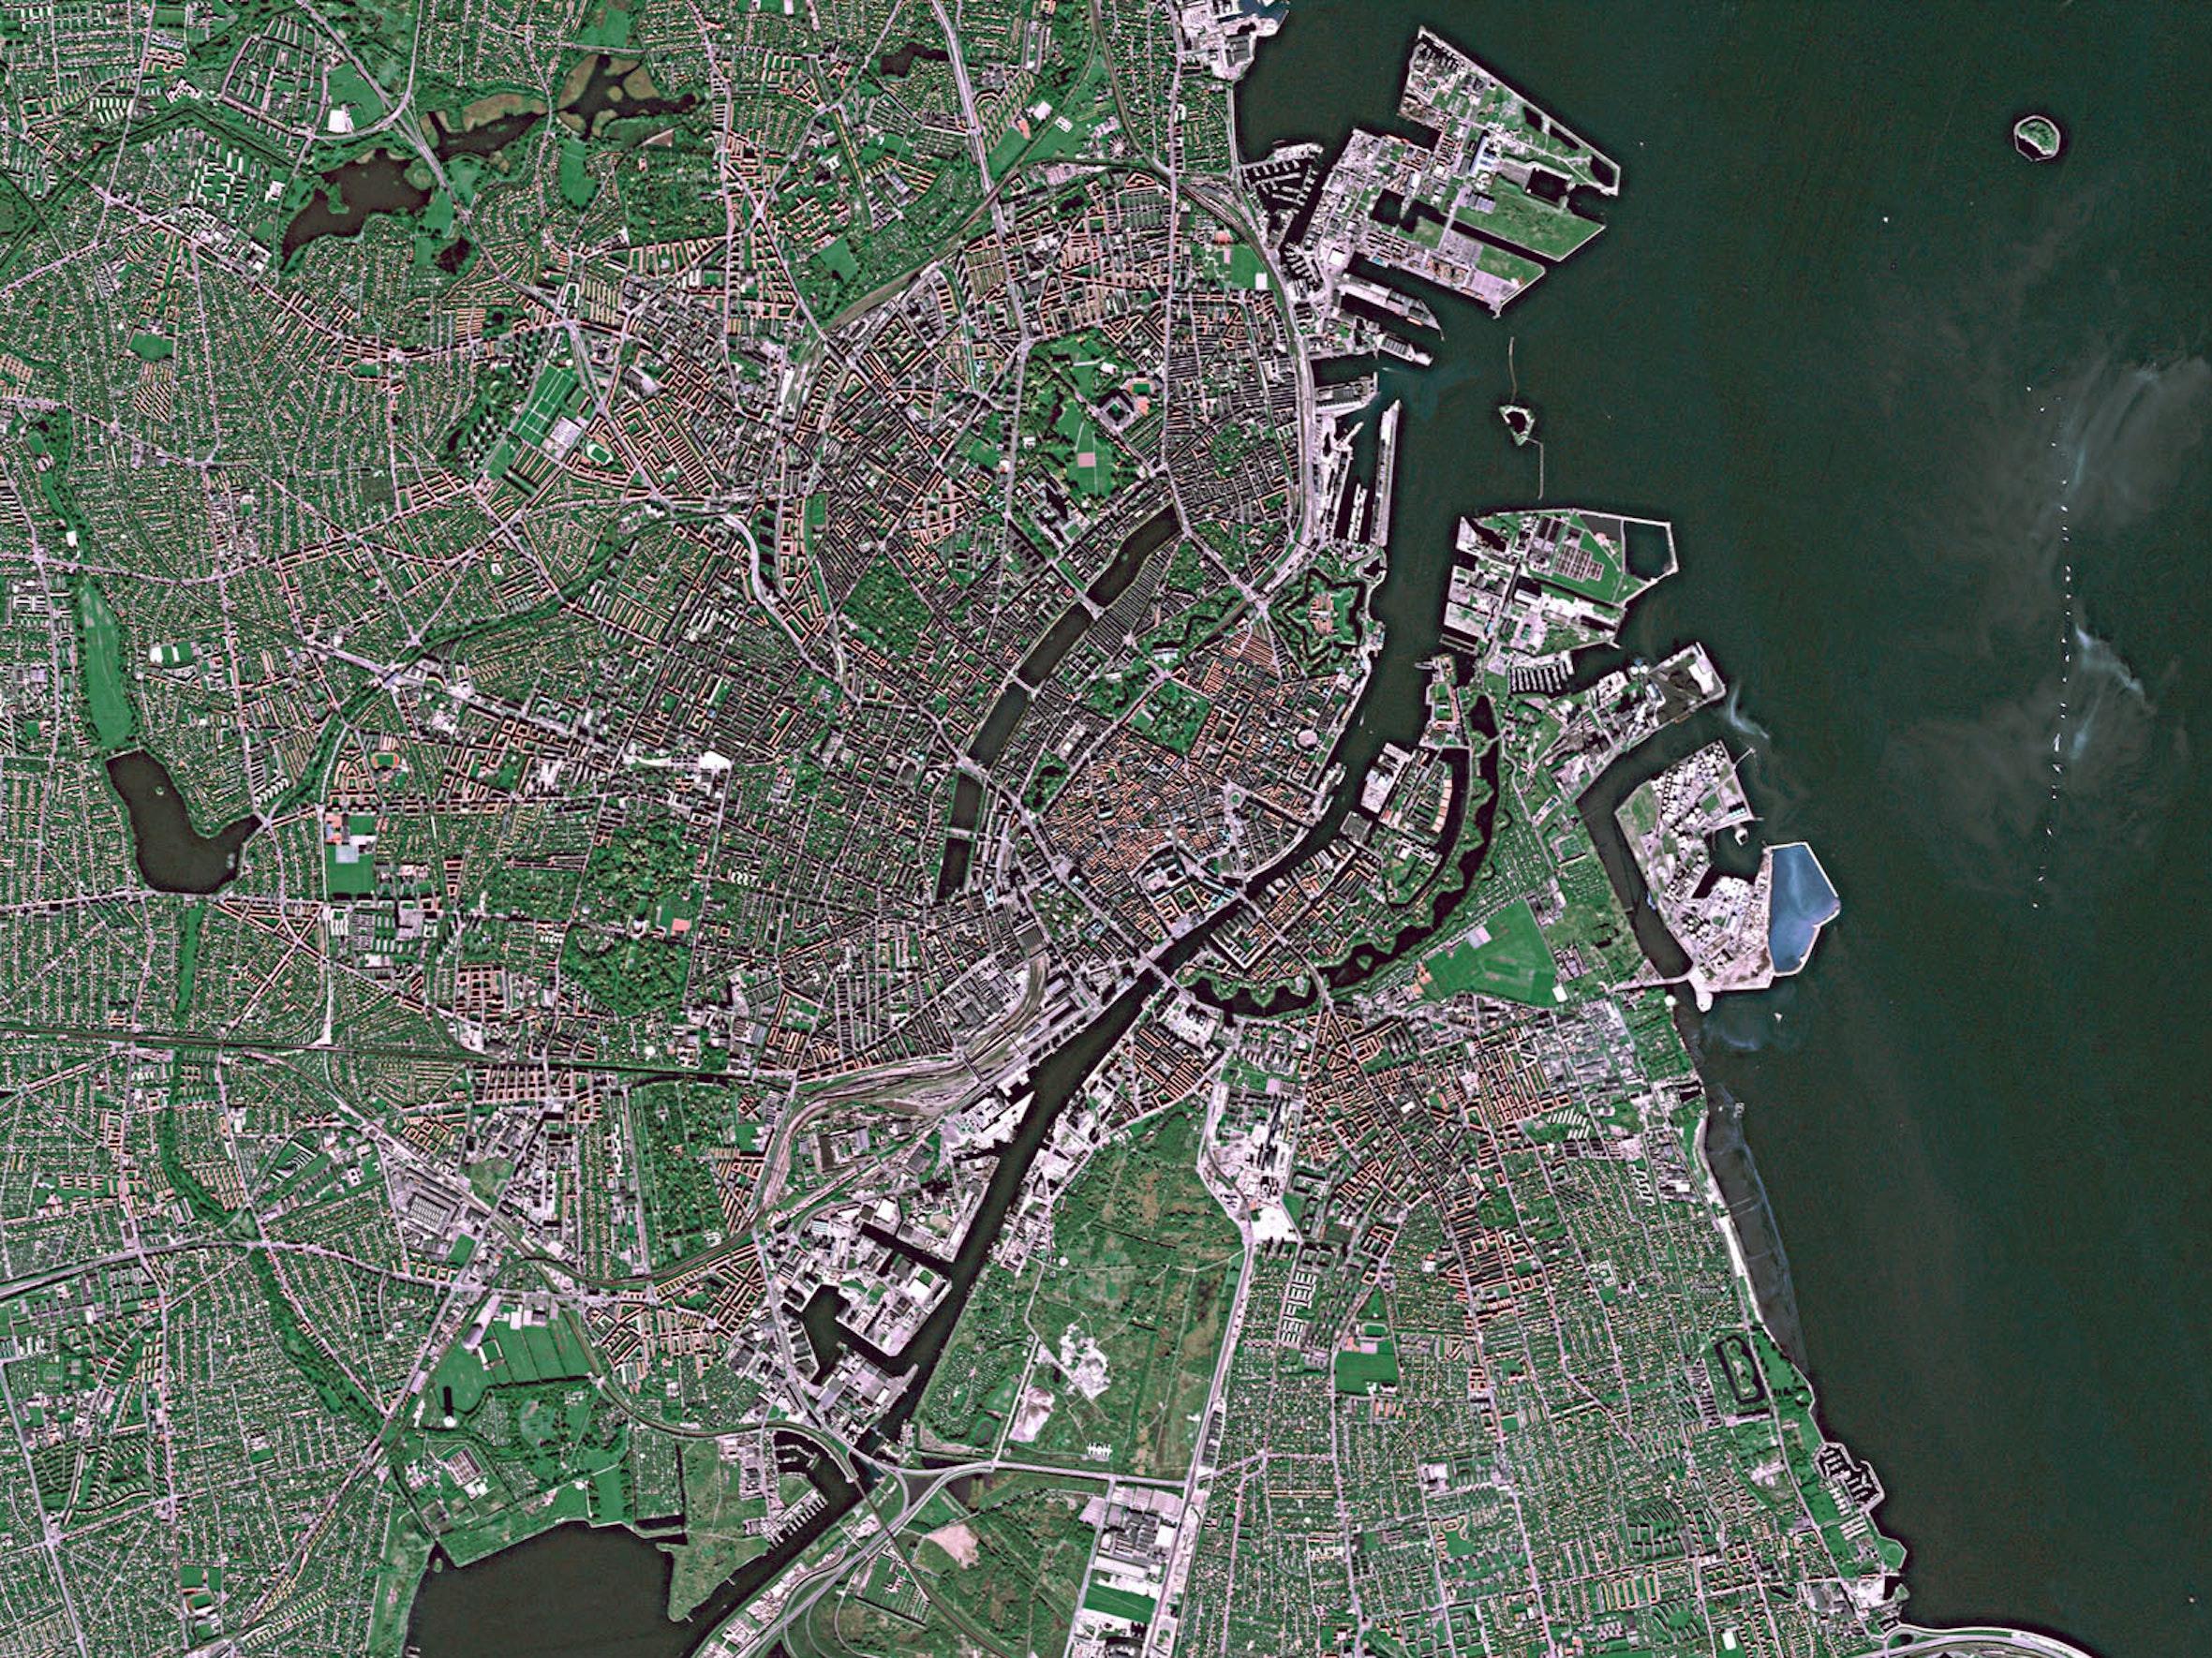 Copenhagen from above.